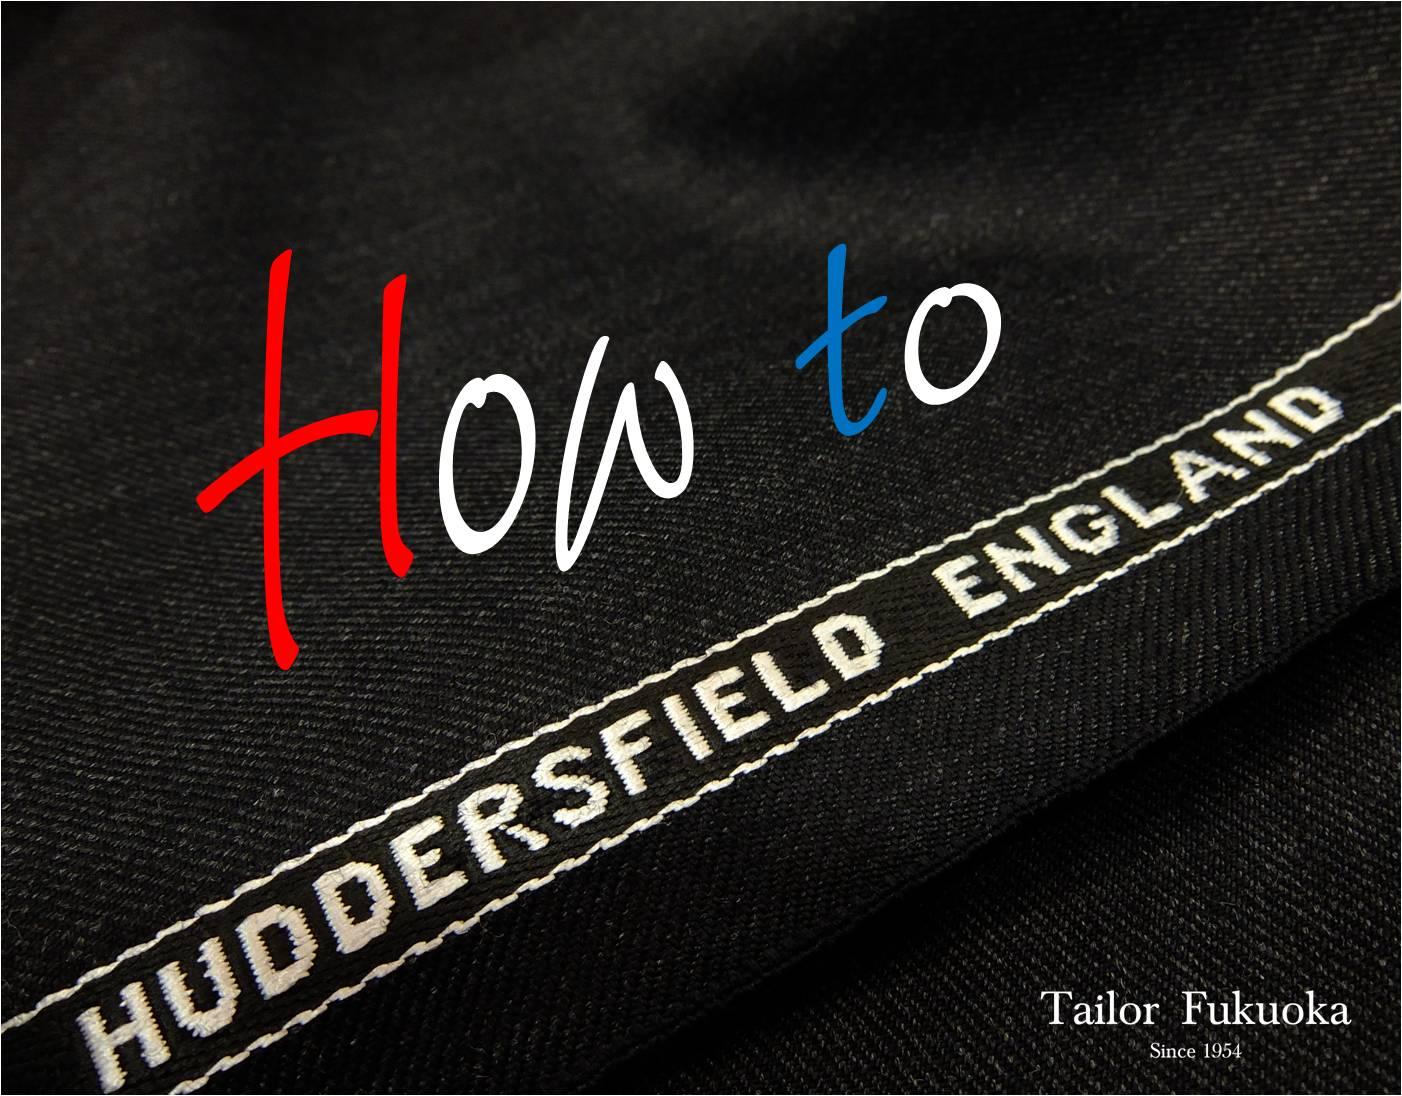 テーラーフクオカ ハダースフィールド Huddersfield 生地